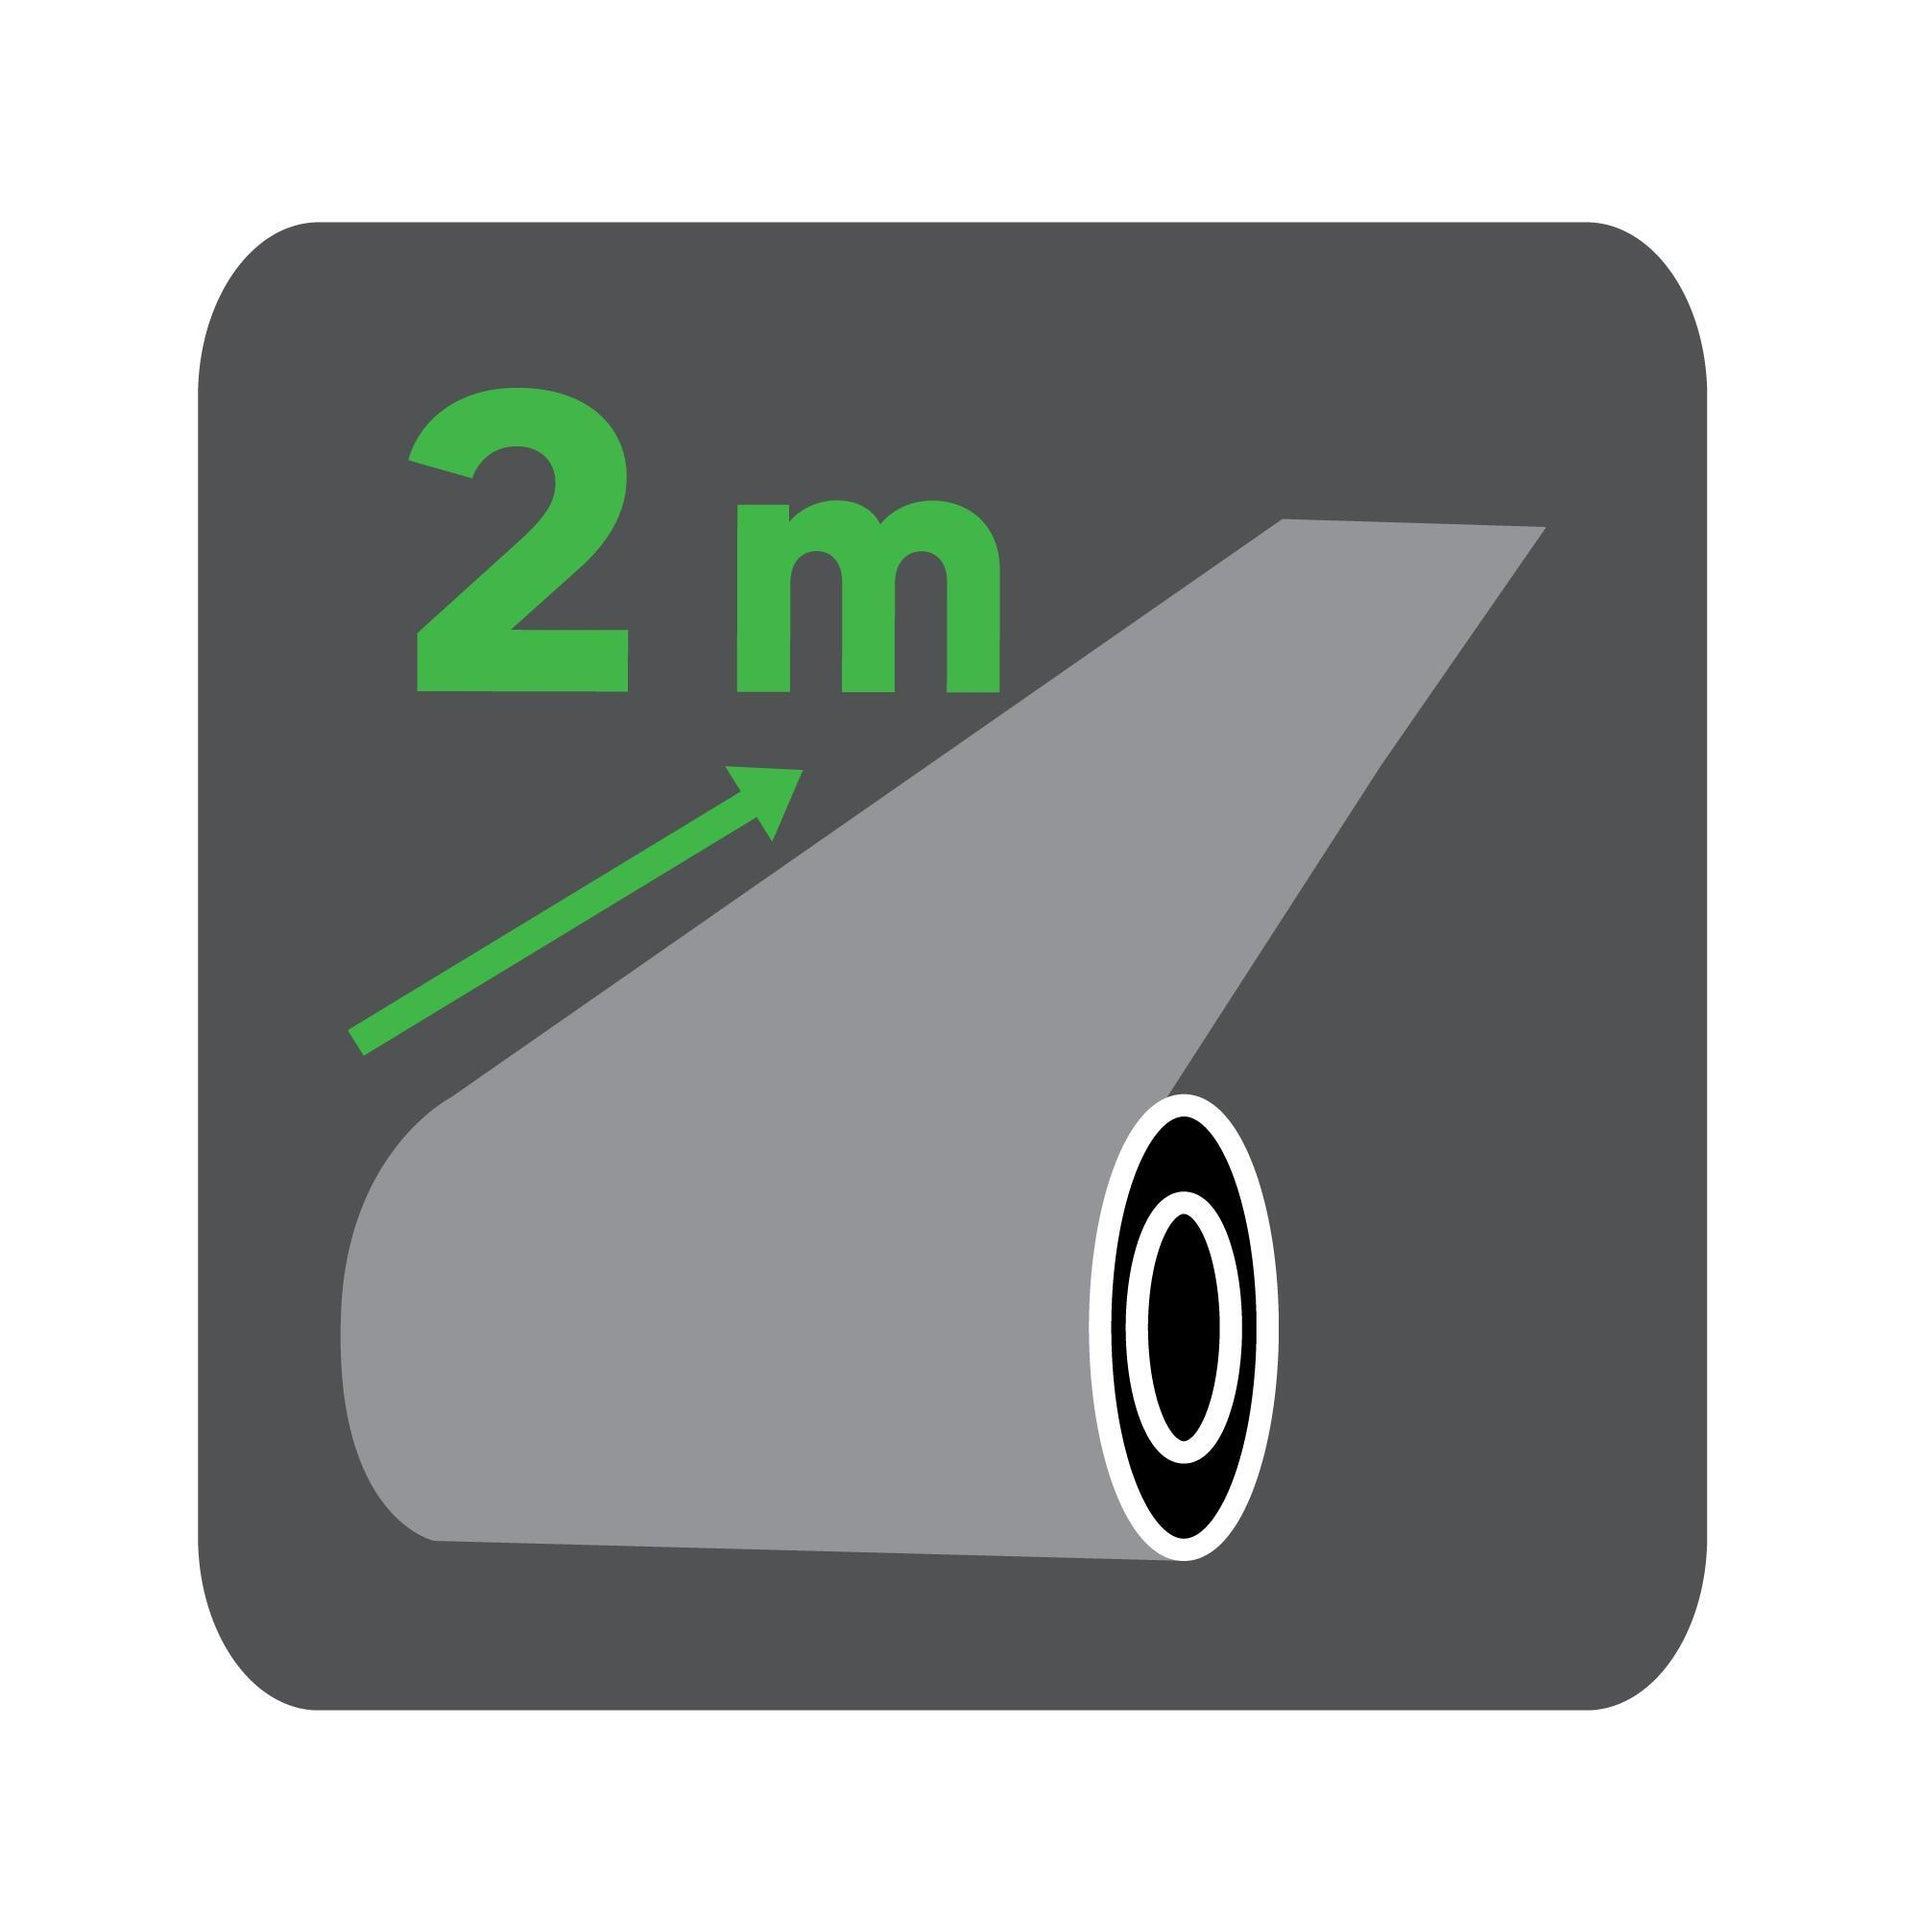 Protezione per garage in polietilene L 200 x H 200 cm nero - 6